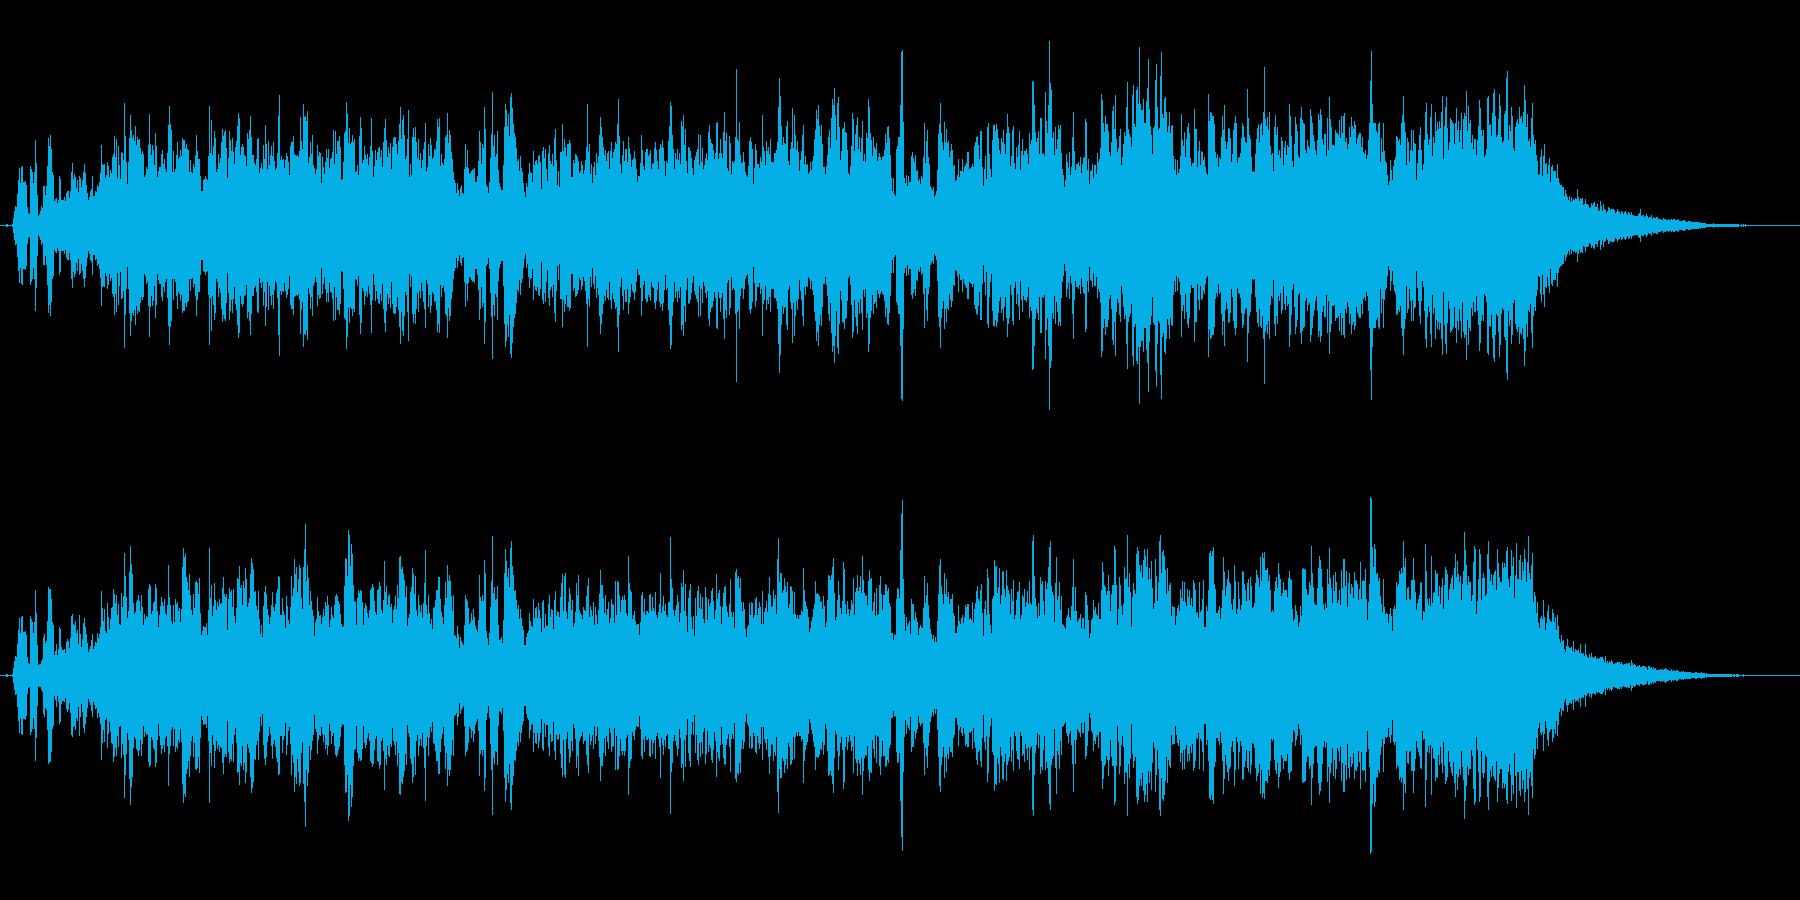 さばをテーマにした楽曲の再生済みの波形